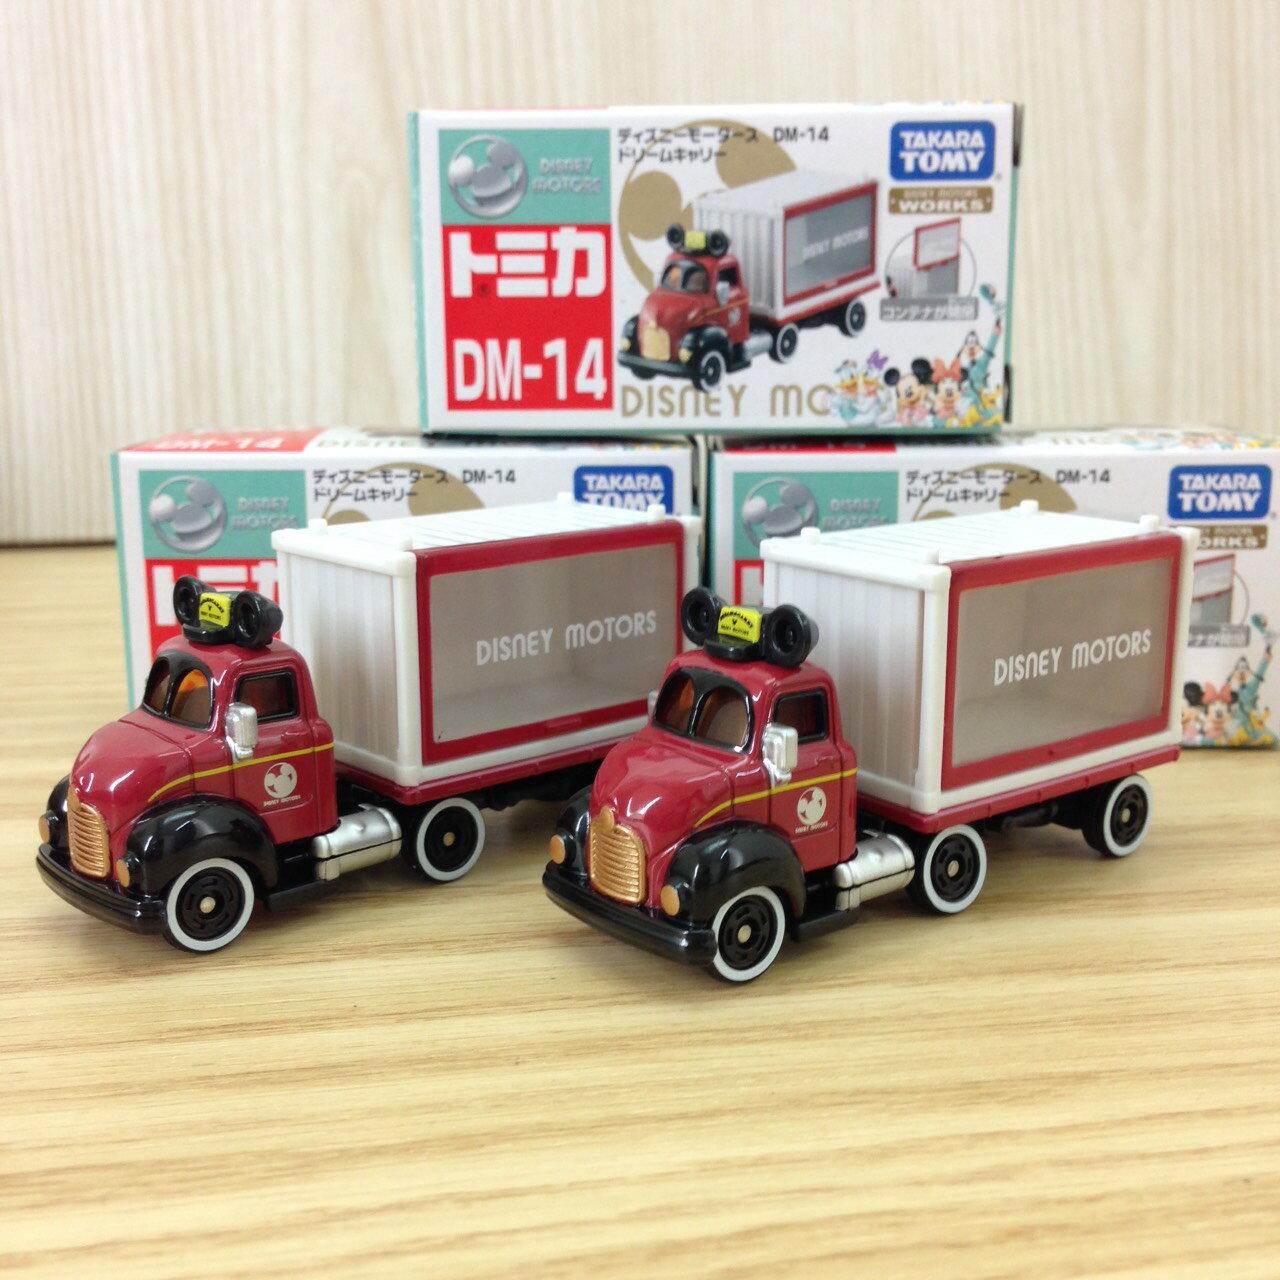 【真愛日本】15121000001 TOMY小車-米奇貨櫃車 迪士尼 米老鼠米奇 米妮 小車 模型車 擺飾 收藏